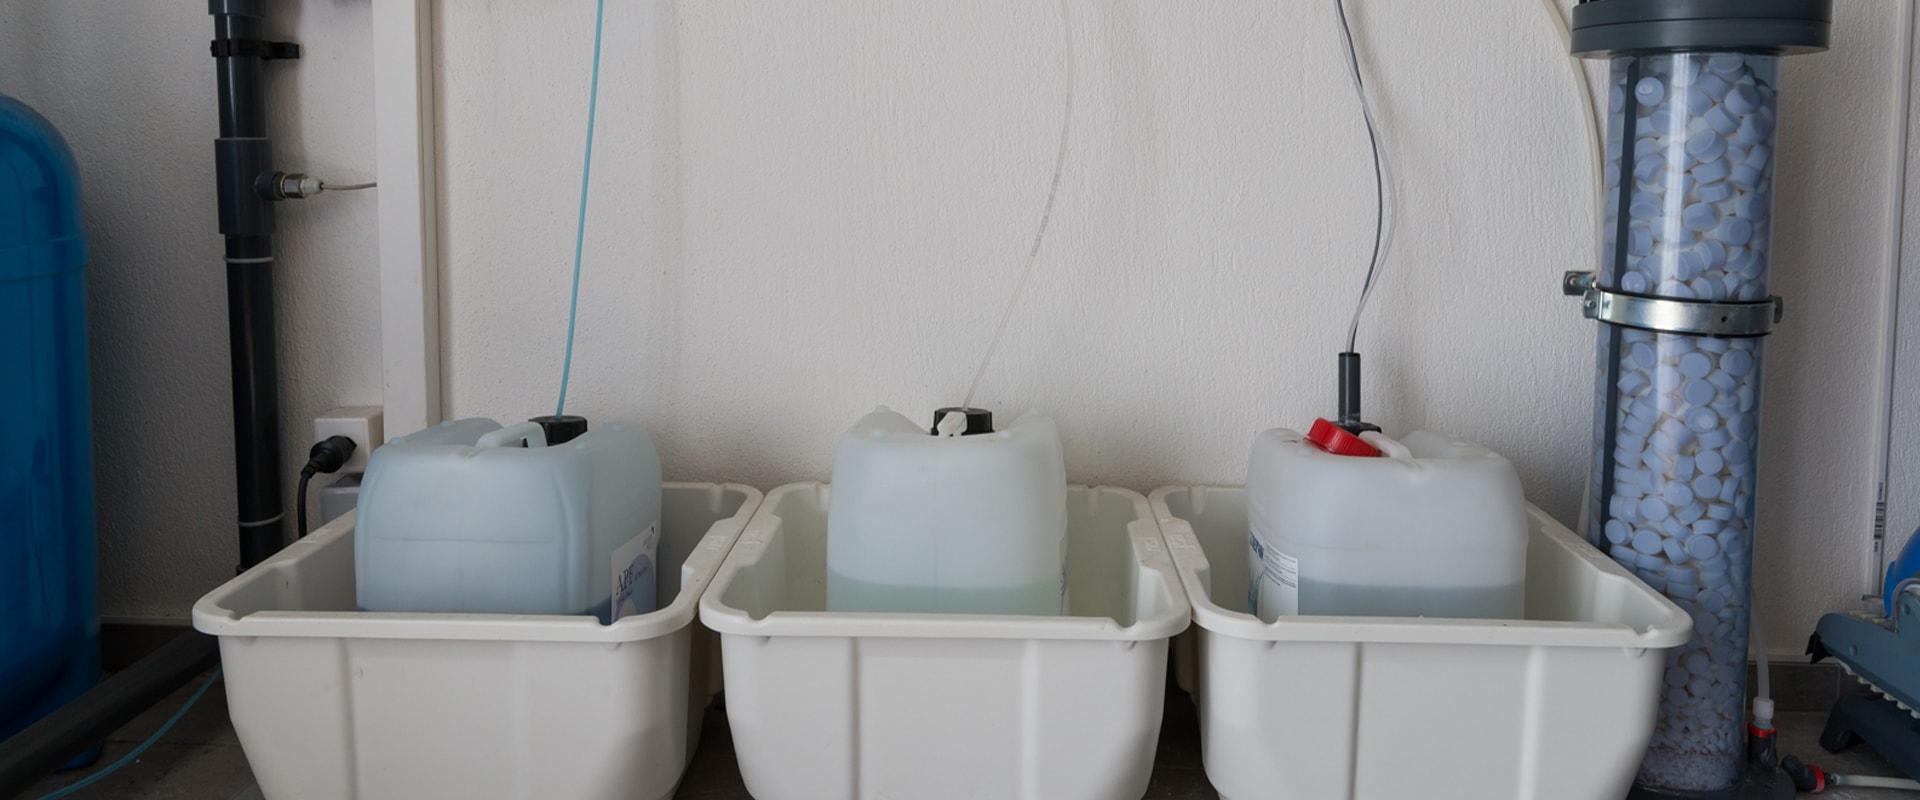 2020-11-23-artepool-trattamento-piscina-02